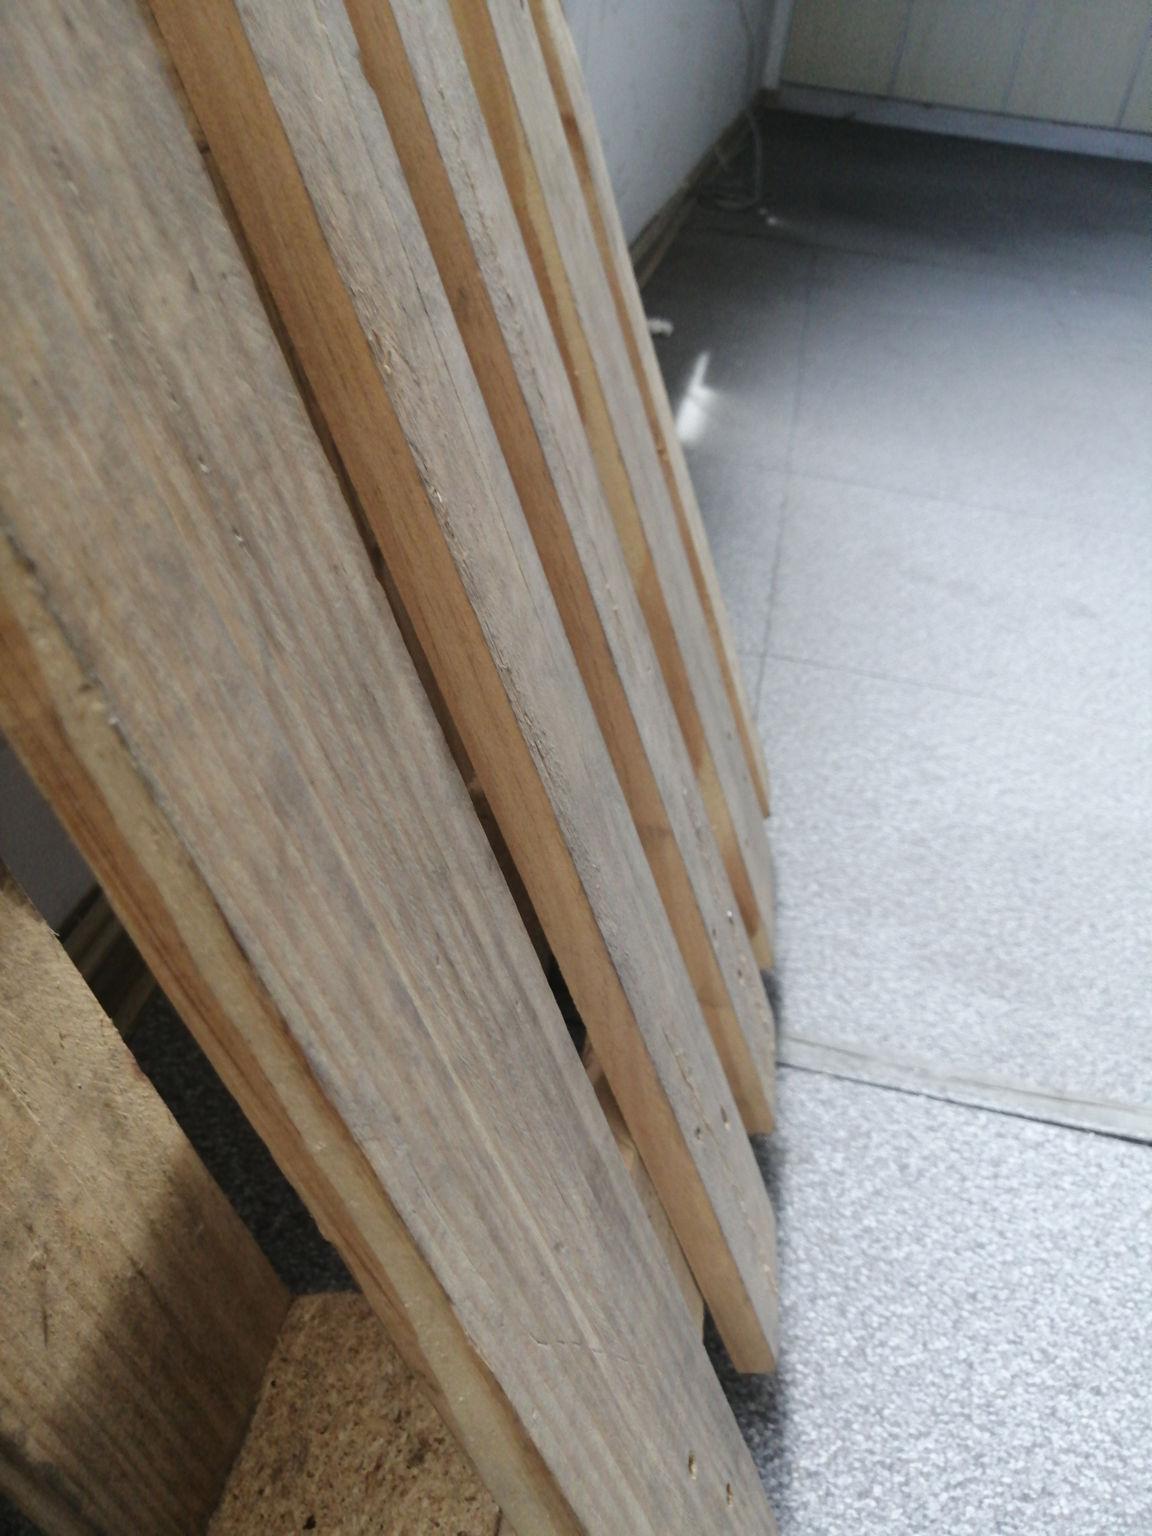 昆山订做单面木托盘报价问题最近很多人私信咨询我讲一